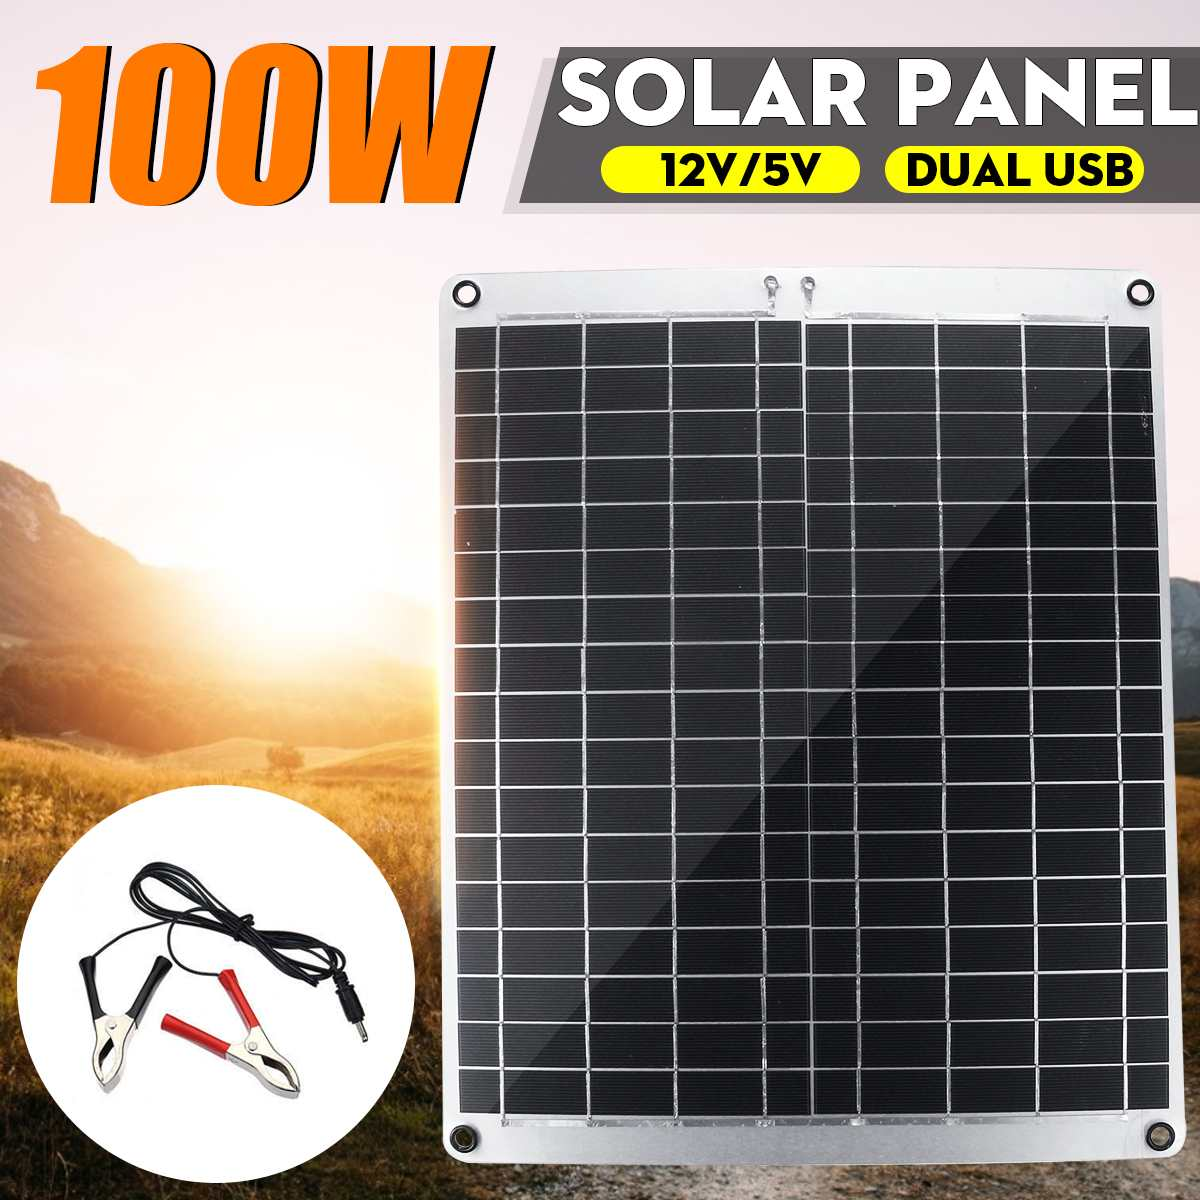 كفاءة 100W 12V/5V المزدوج USB الألواح الشمسية أحادية الخلايا الشمسية وحدة DC الخليوي ل سيارة يخت ضوء في الهواء الطلق بطارية شاحن